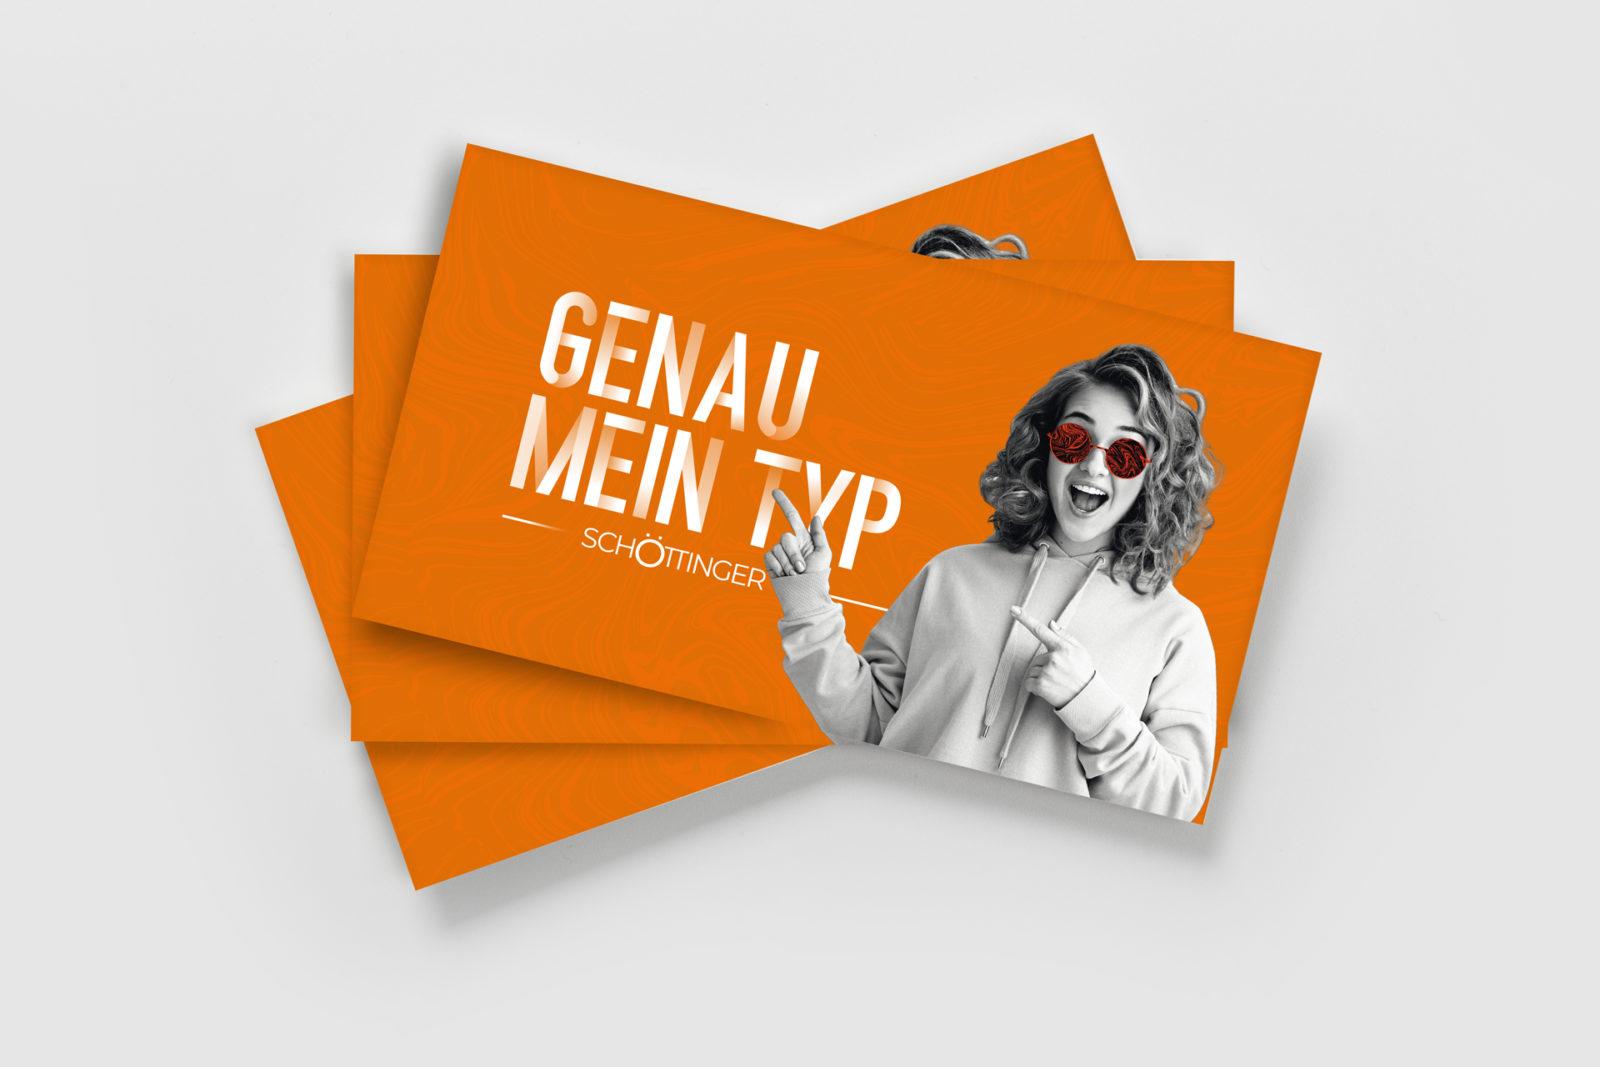 Sabath Media Werbeagentur - Wir sind die Brille Schöttinger GmbH - Referenzbild 4